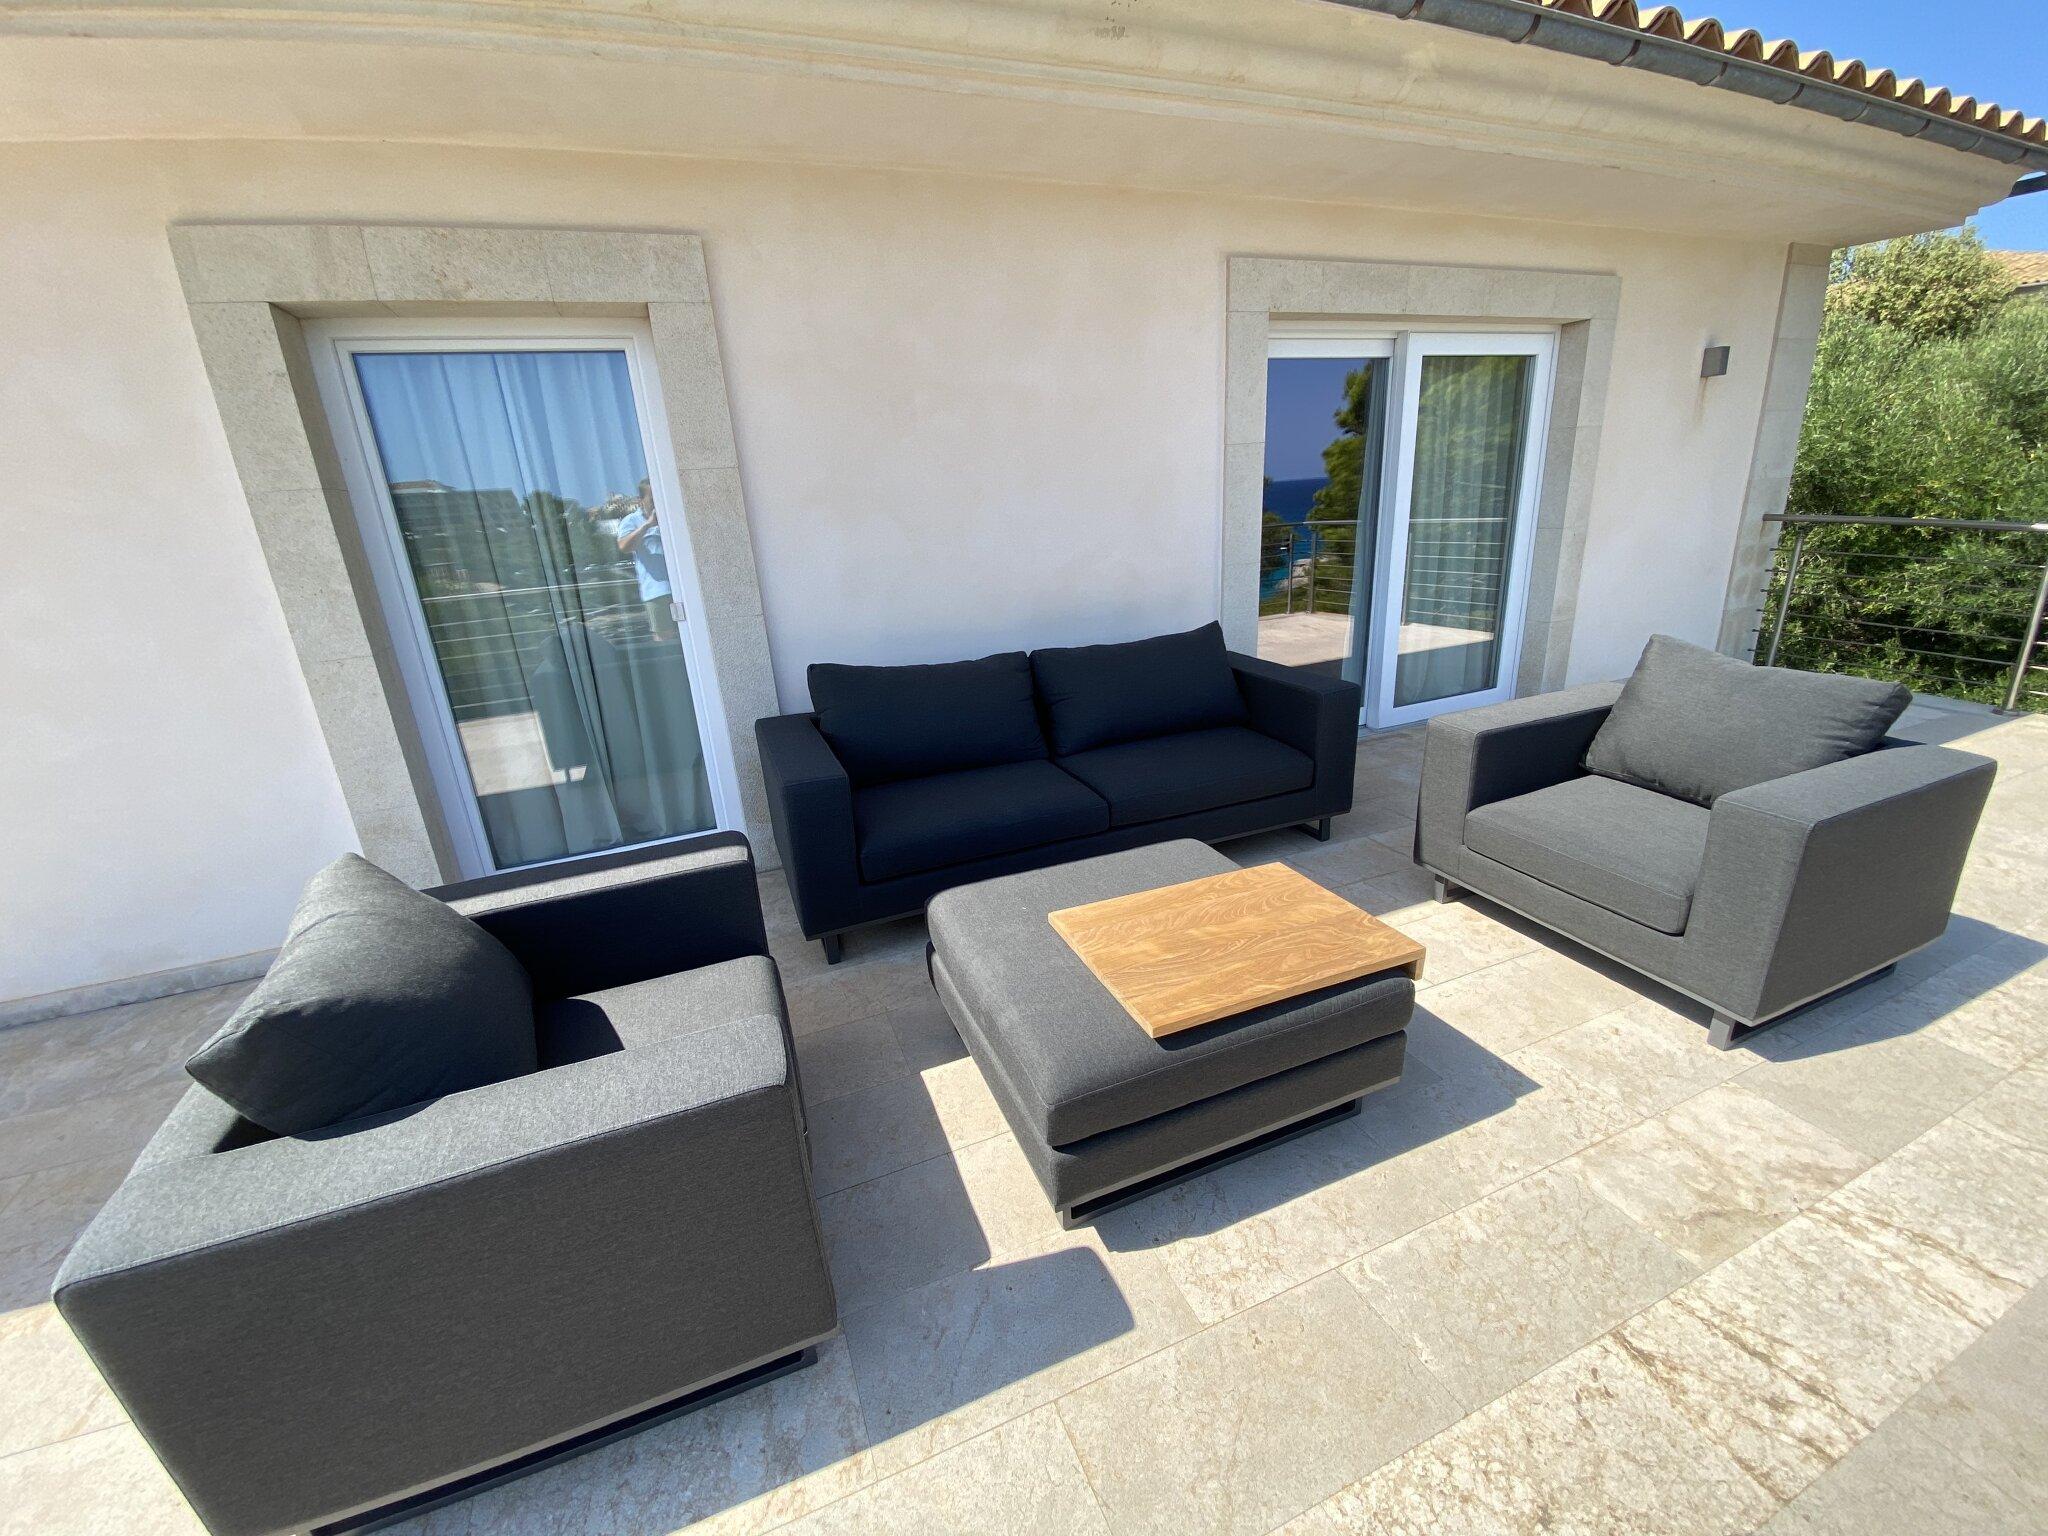 Wohnbereich zur �berdachten Terrasse hin